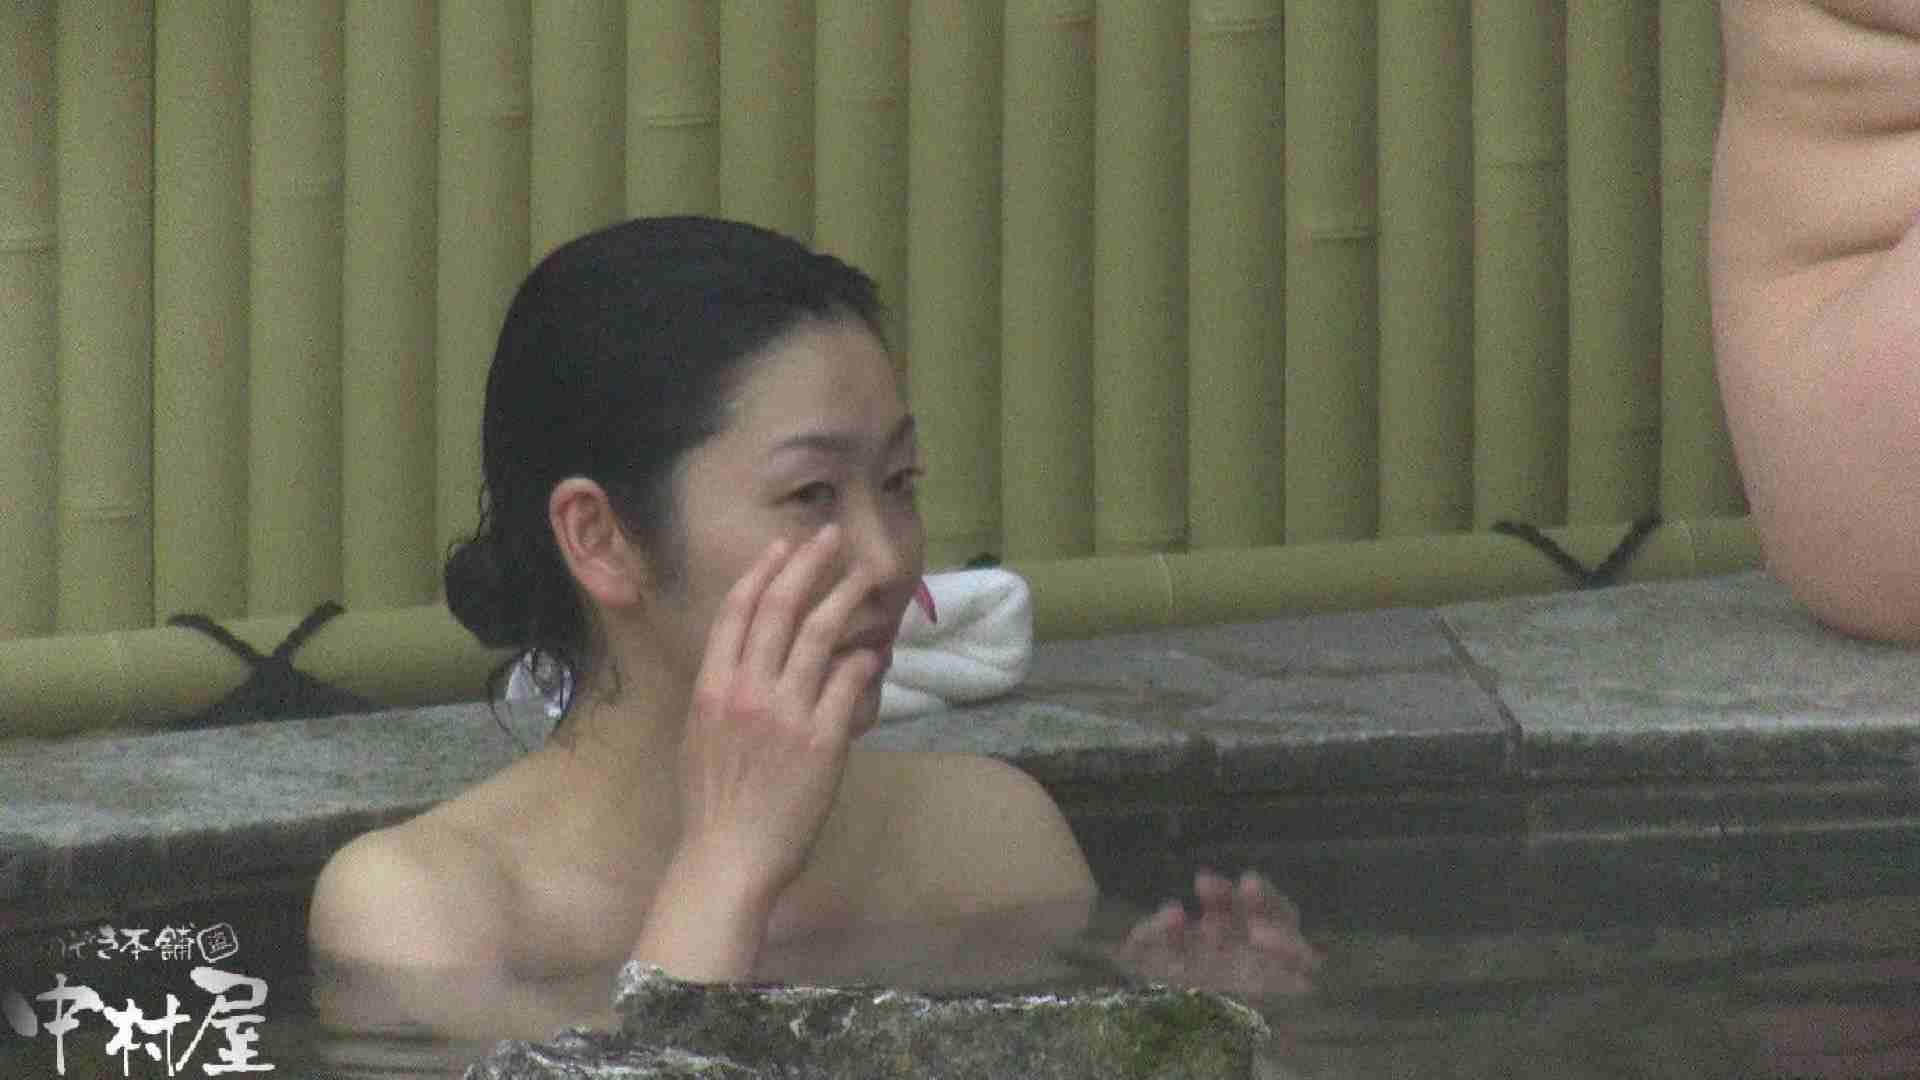 Aquaな露天風呂Vol.917 盗撮 | 露天  55pic 27